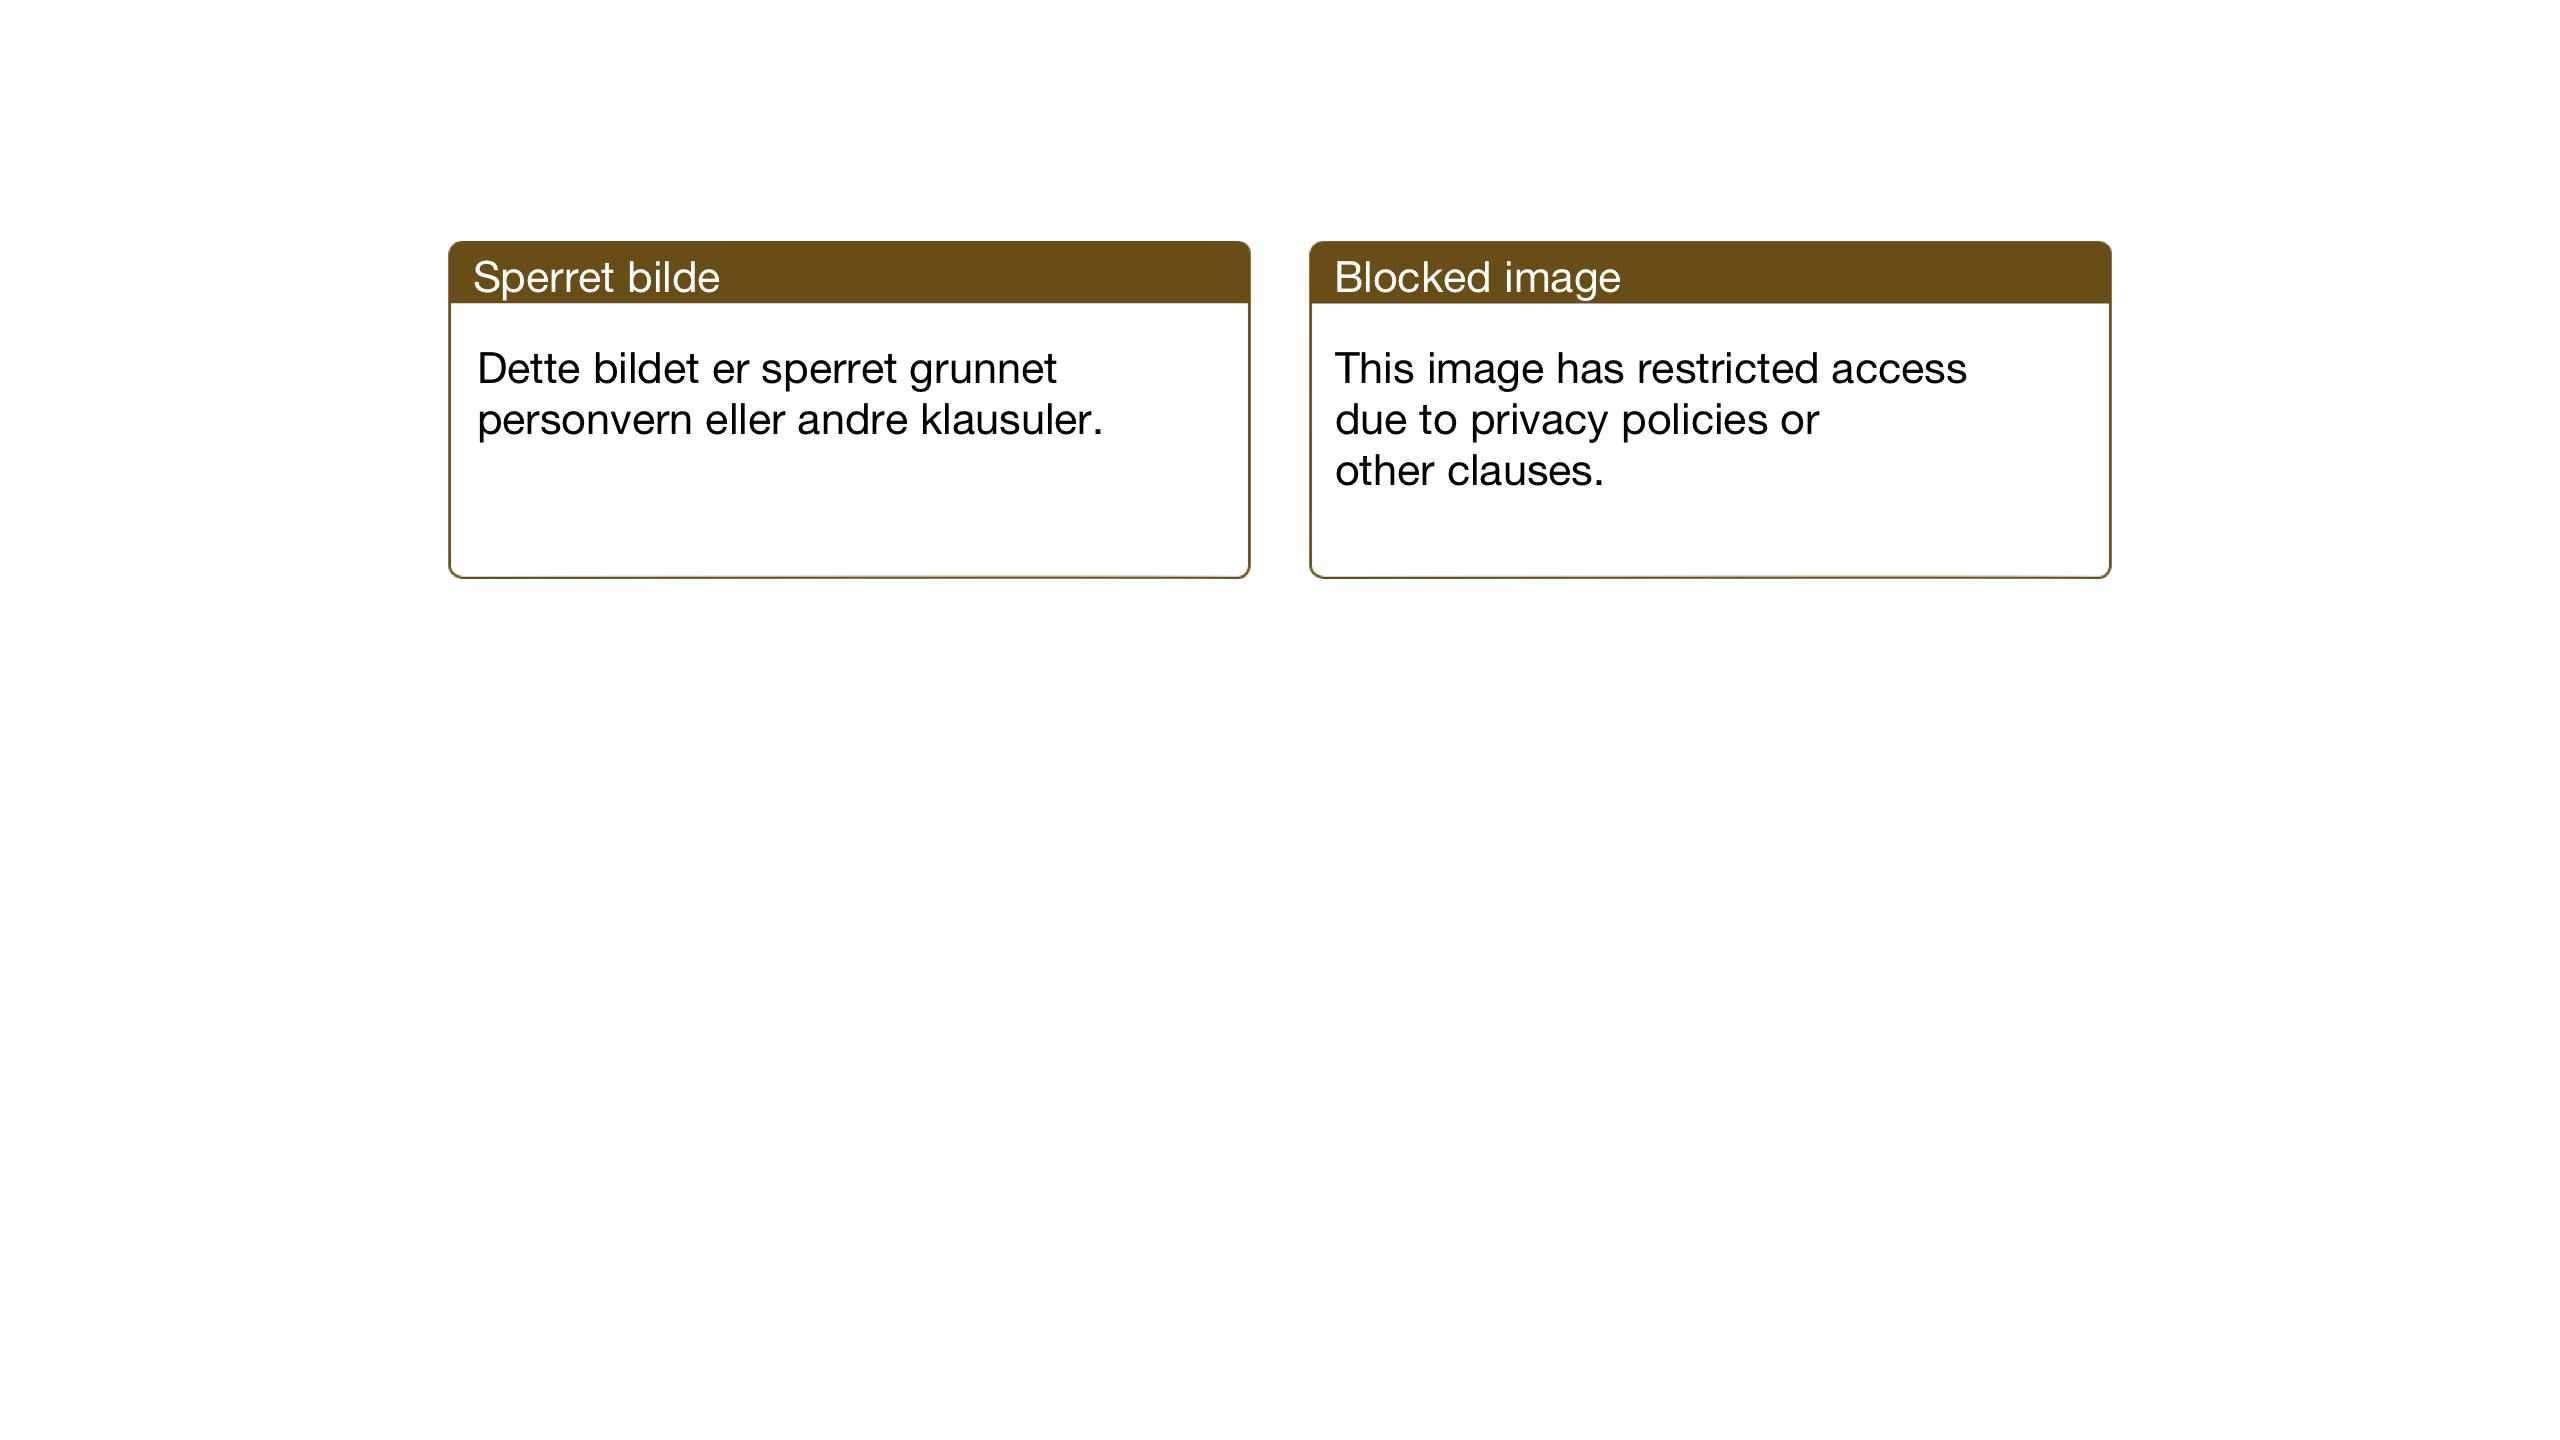 SAT, Ministerialprotokoller, klokkerbøker og fødselsregistre - Nord-Trøndelag, 739/L0377: Klokkerbok nr. 739C05, 1940-1947, s. 5